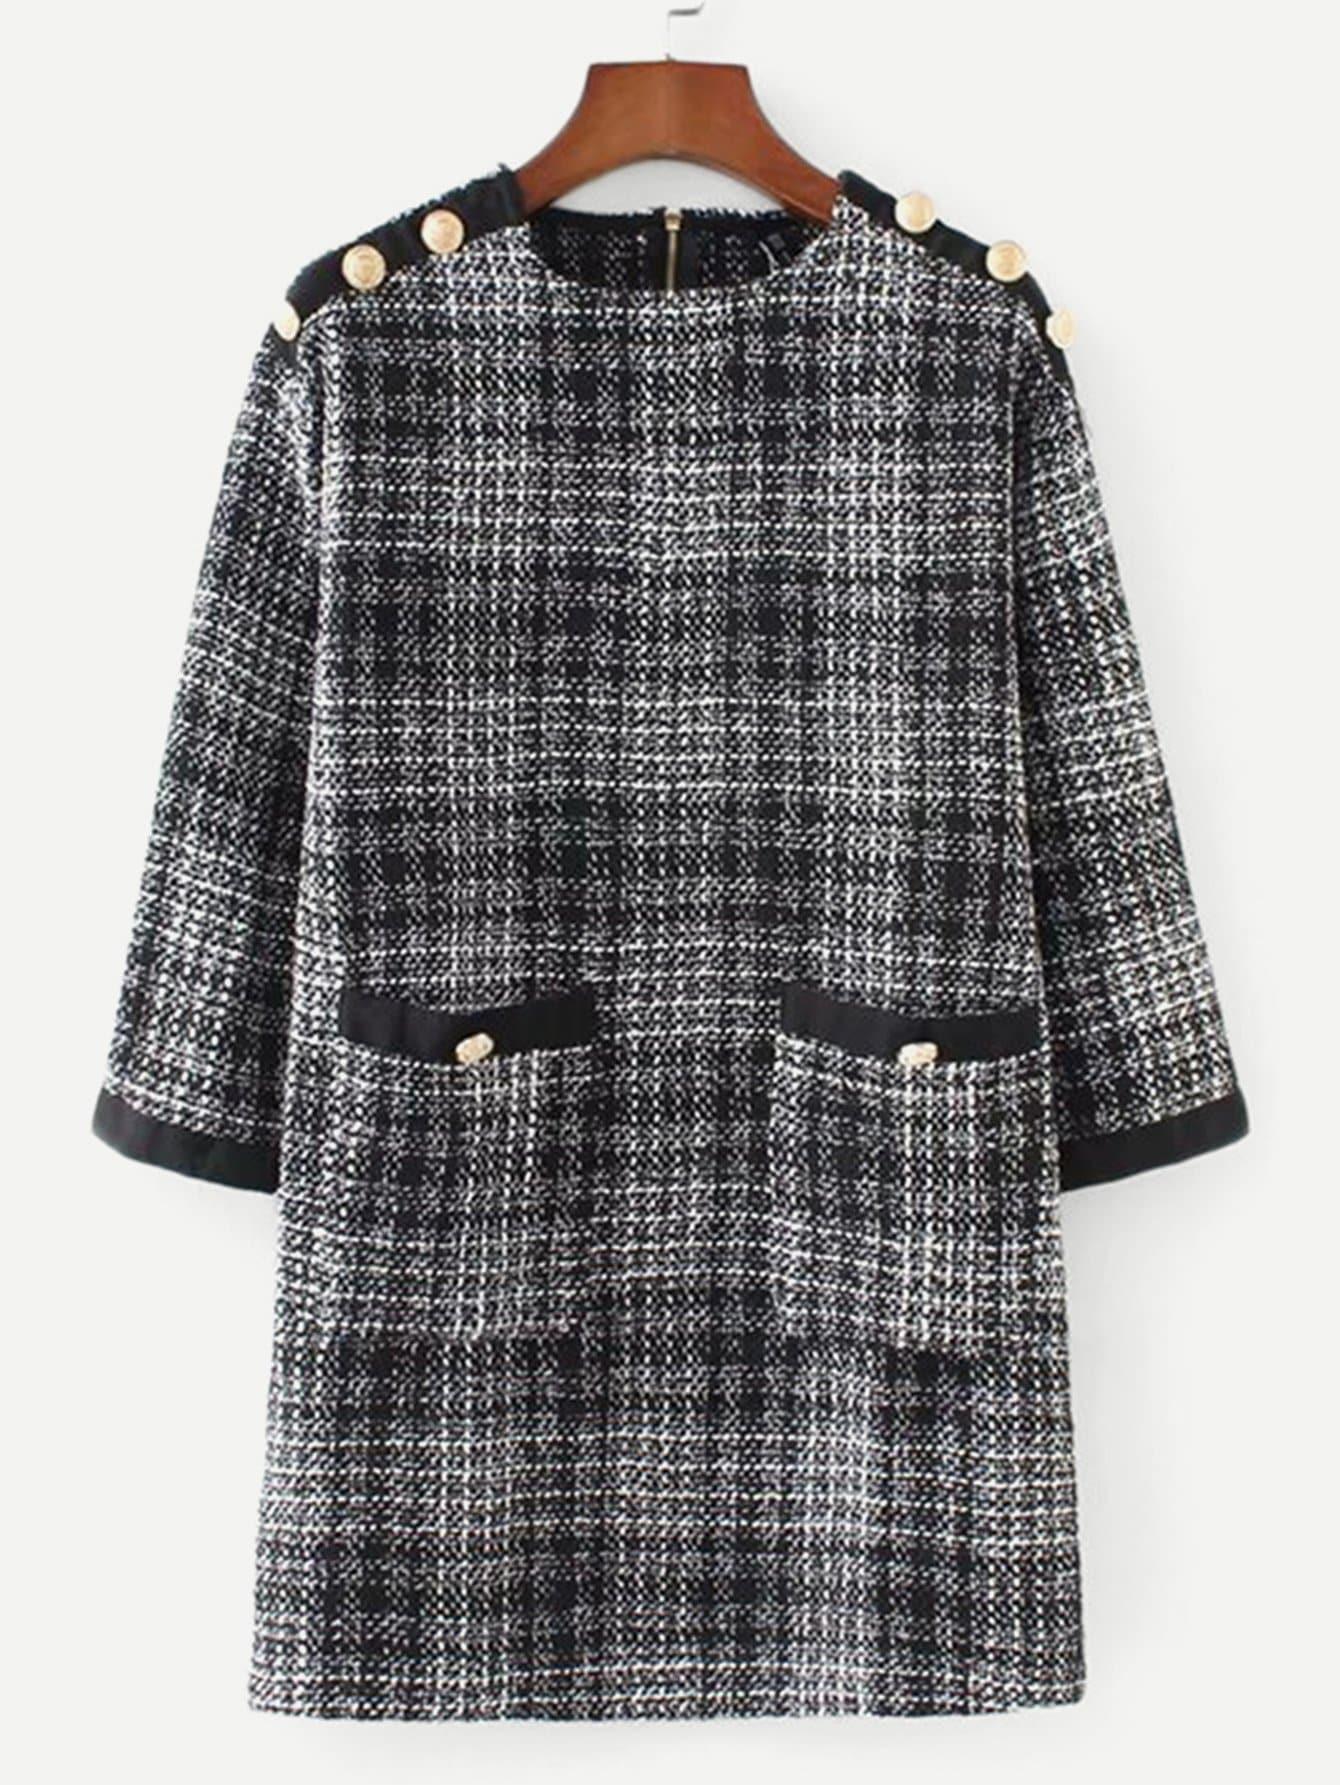 Купить Платье в клетку из твида с карманами и пуговицами, null, SheIn